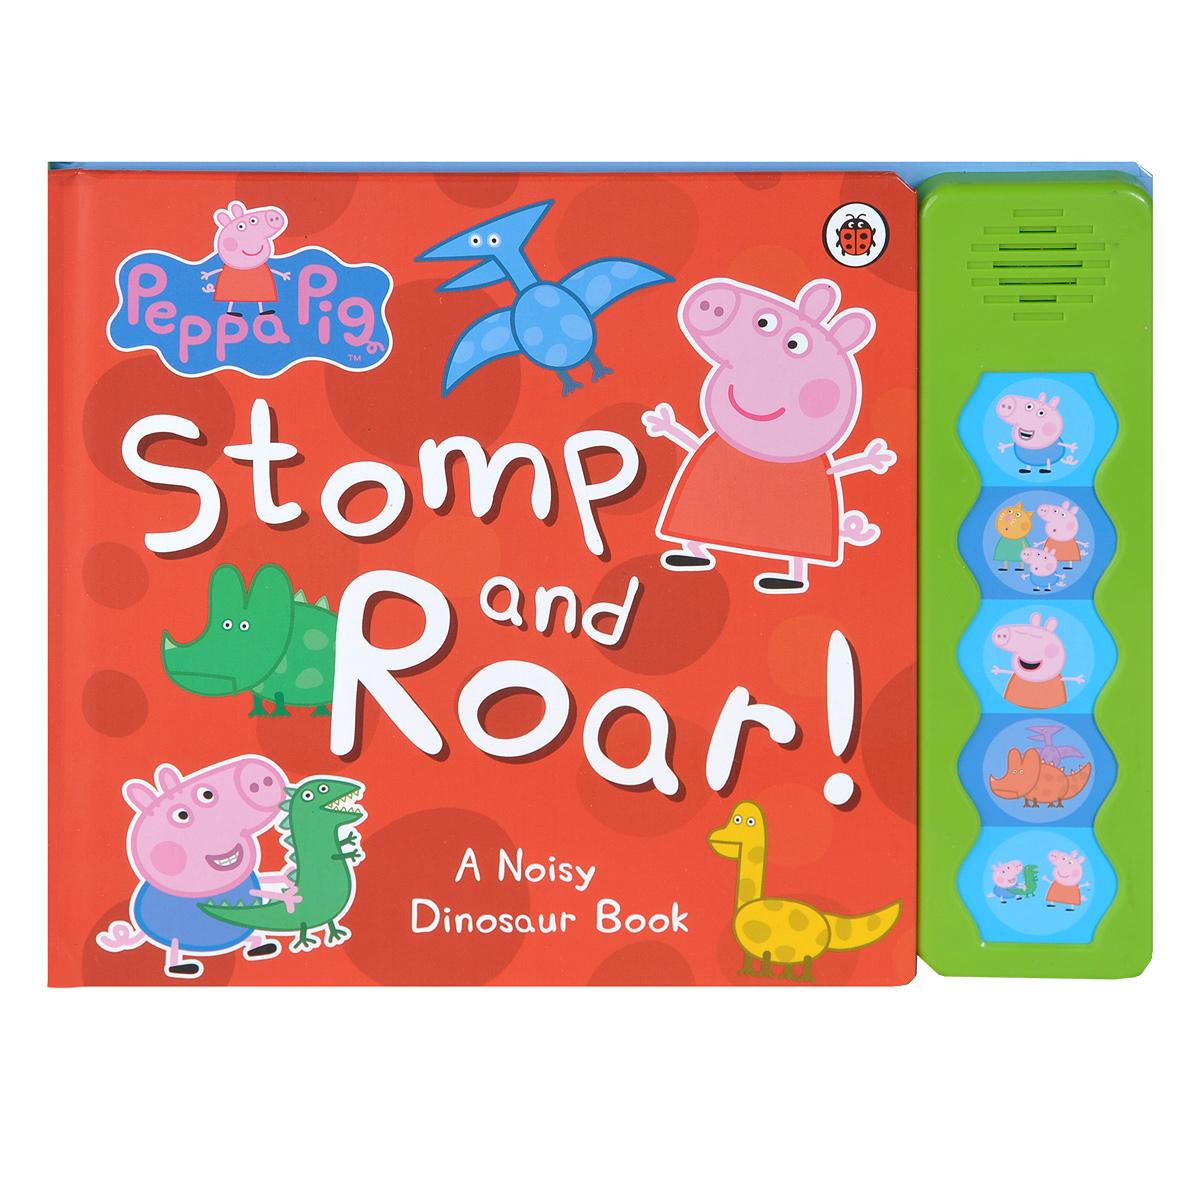 Peppa Pig: Stomp and Roar! Книжка-игрушка